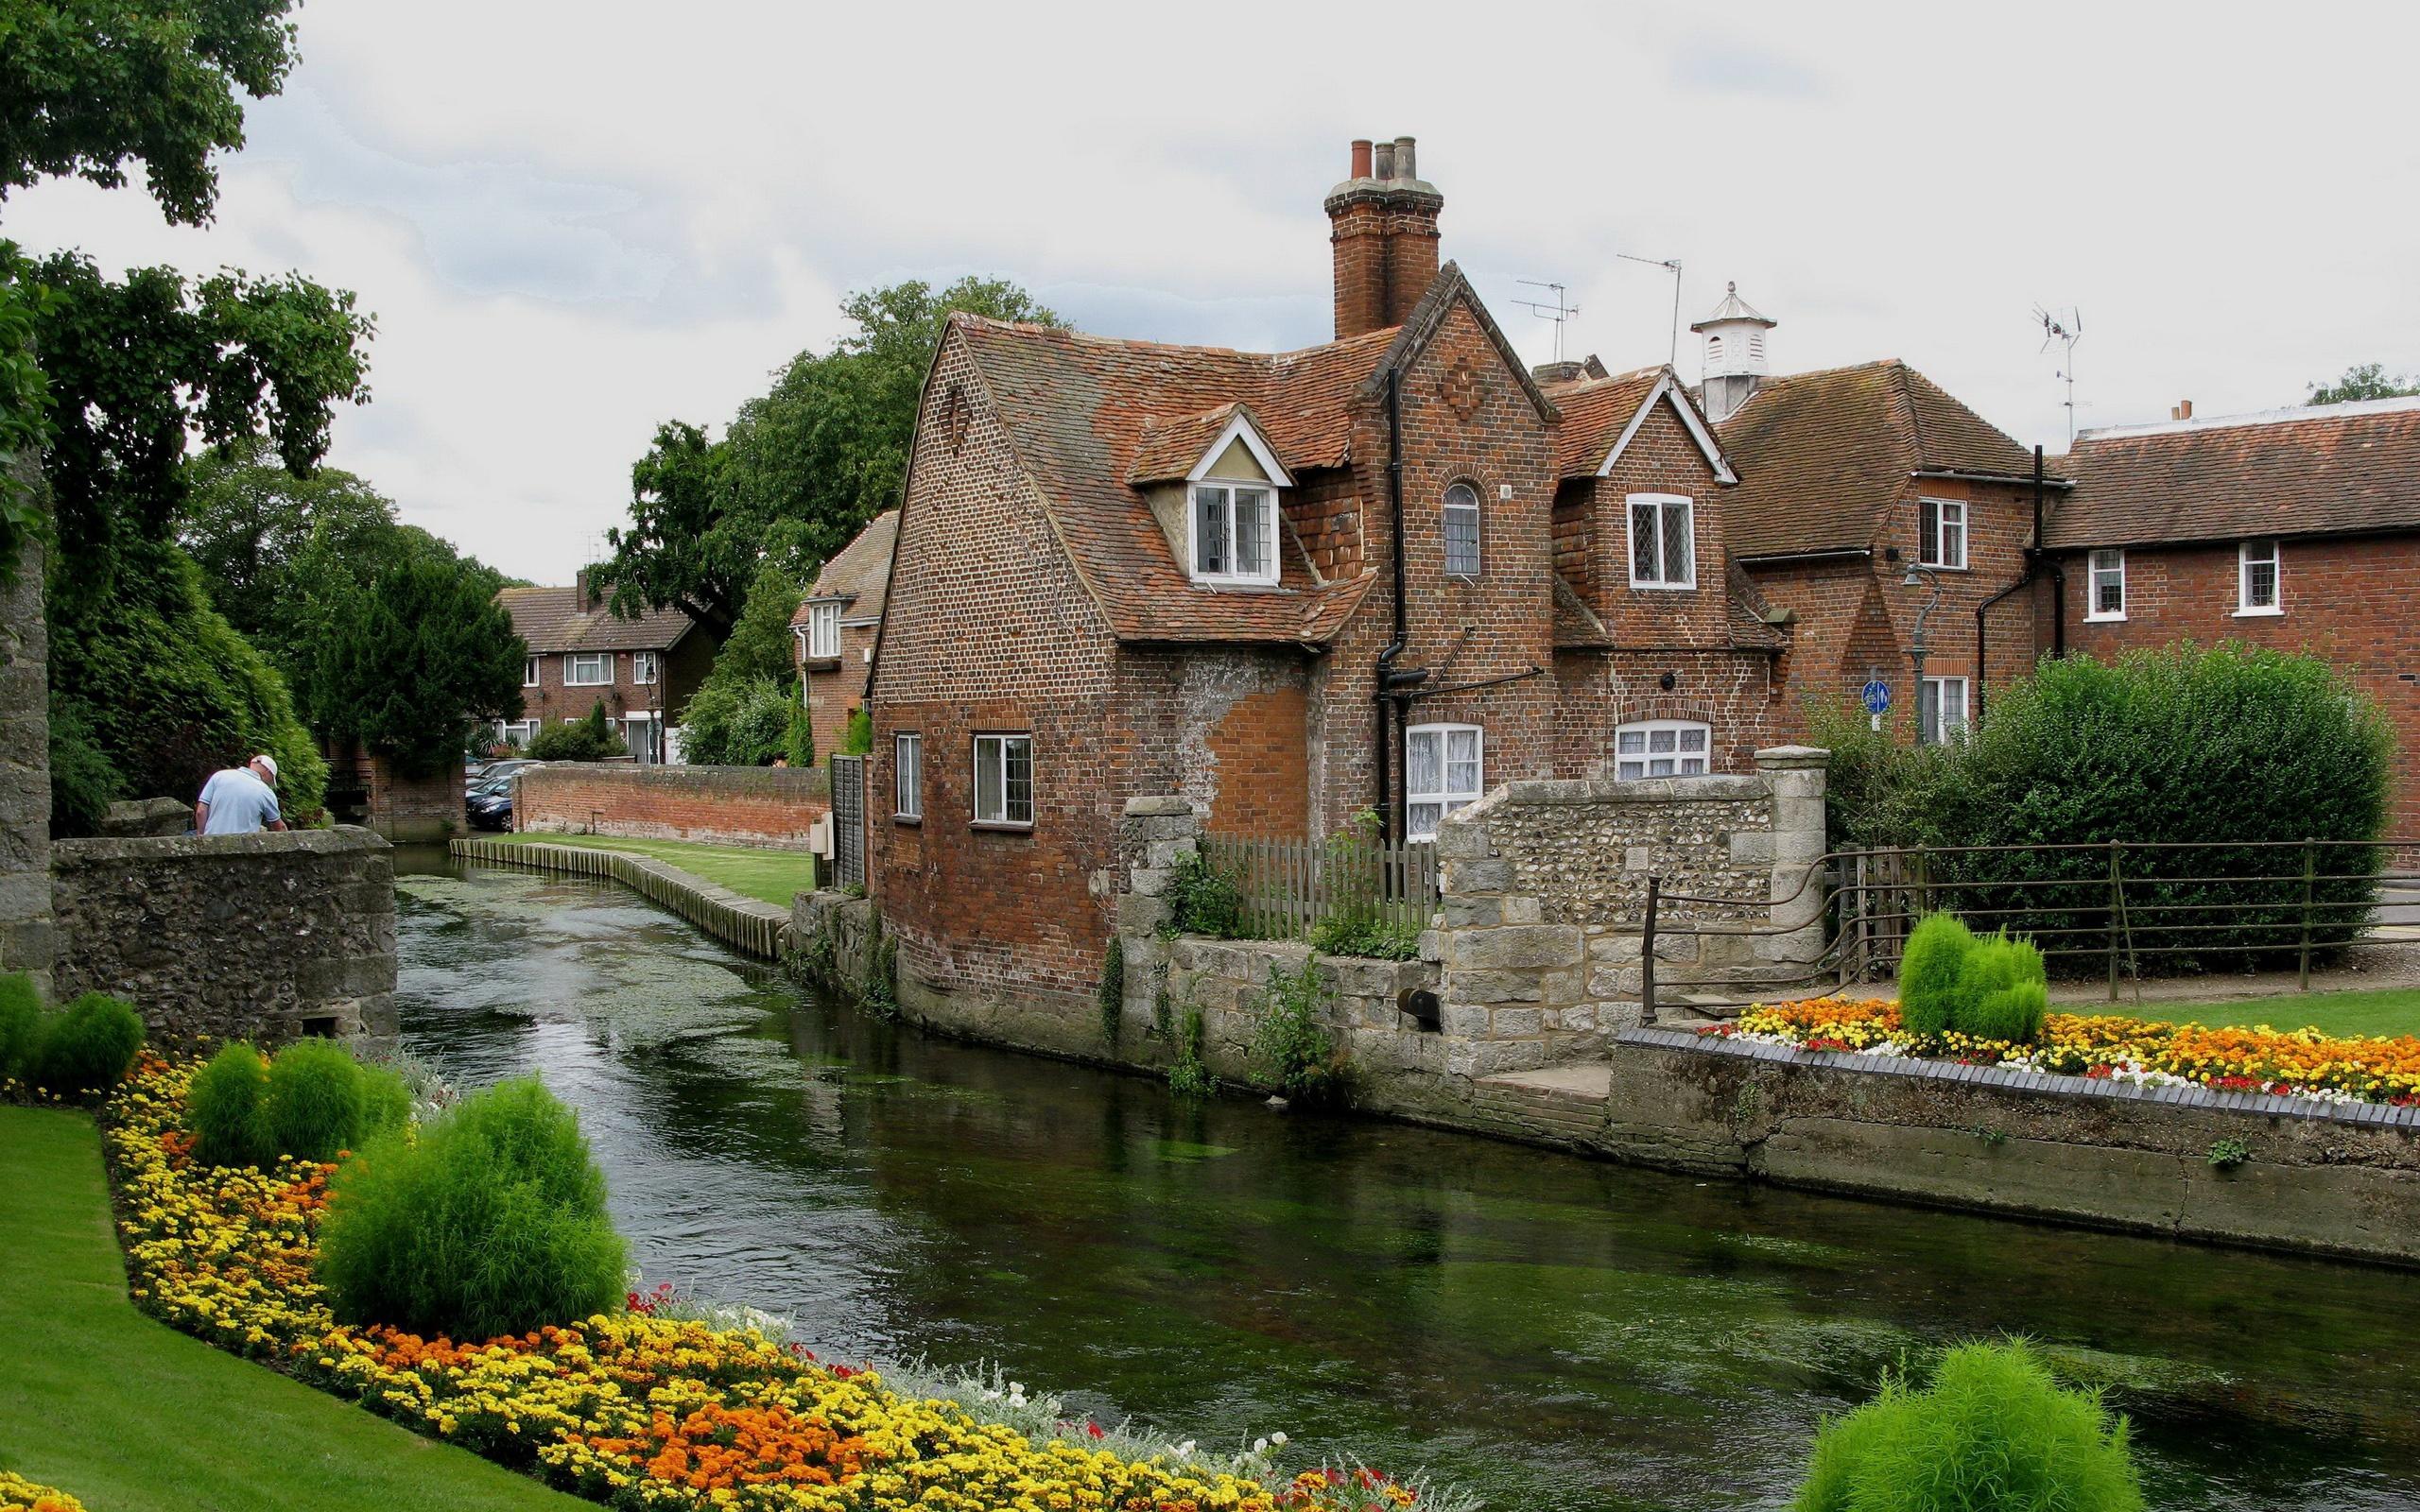 Canterbury United Kingdom  city photos gallery : イギリス、カンタベリー 壁紙 | 2560x1600 壁紙 ...